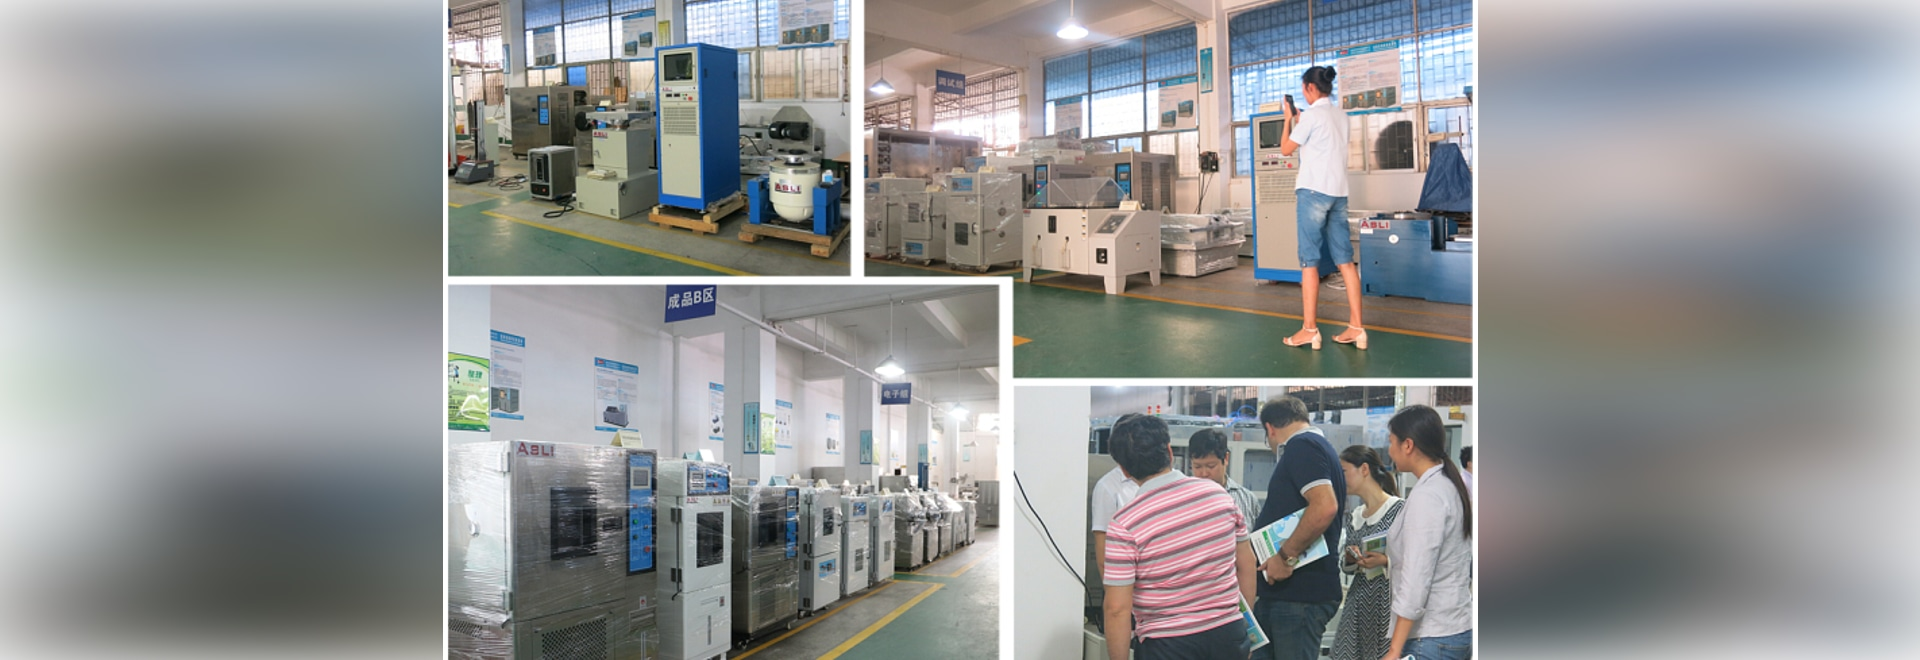 Imagen de la fábrica